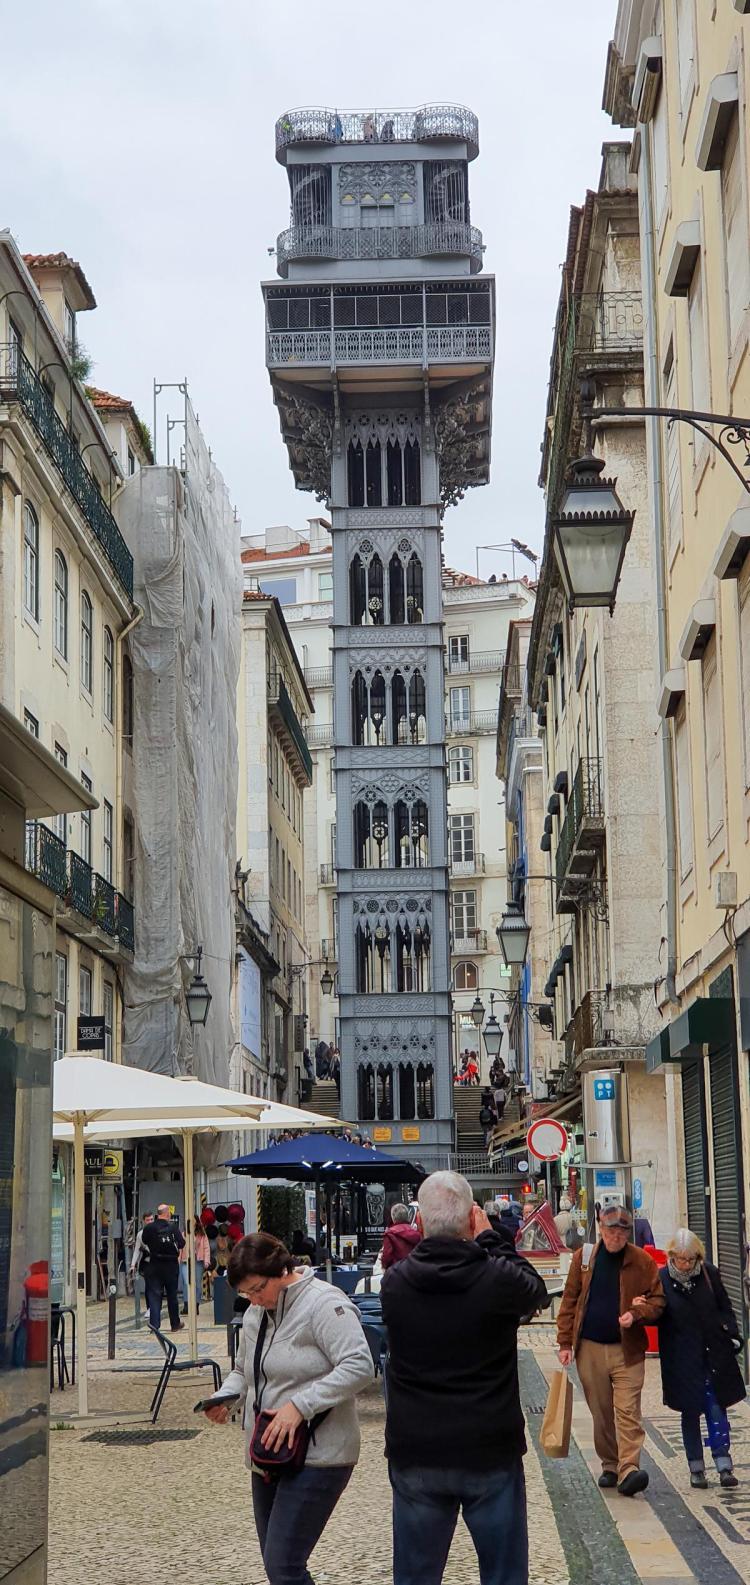 Städtereise Lissabon Sehenswürdigkeiten Lift Aufzug Elevador de Santa Justa in Lissabon Portugal